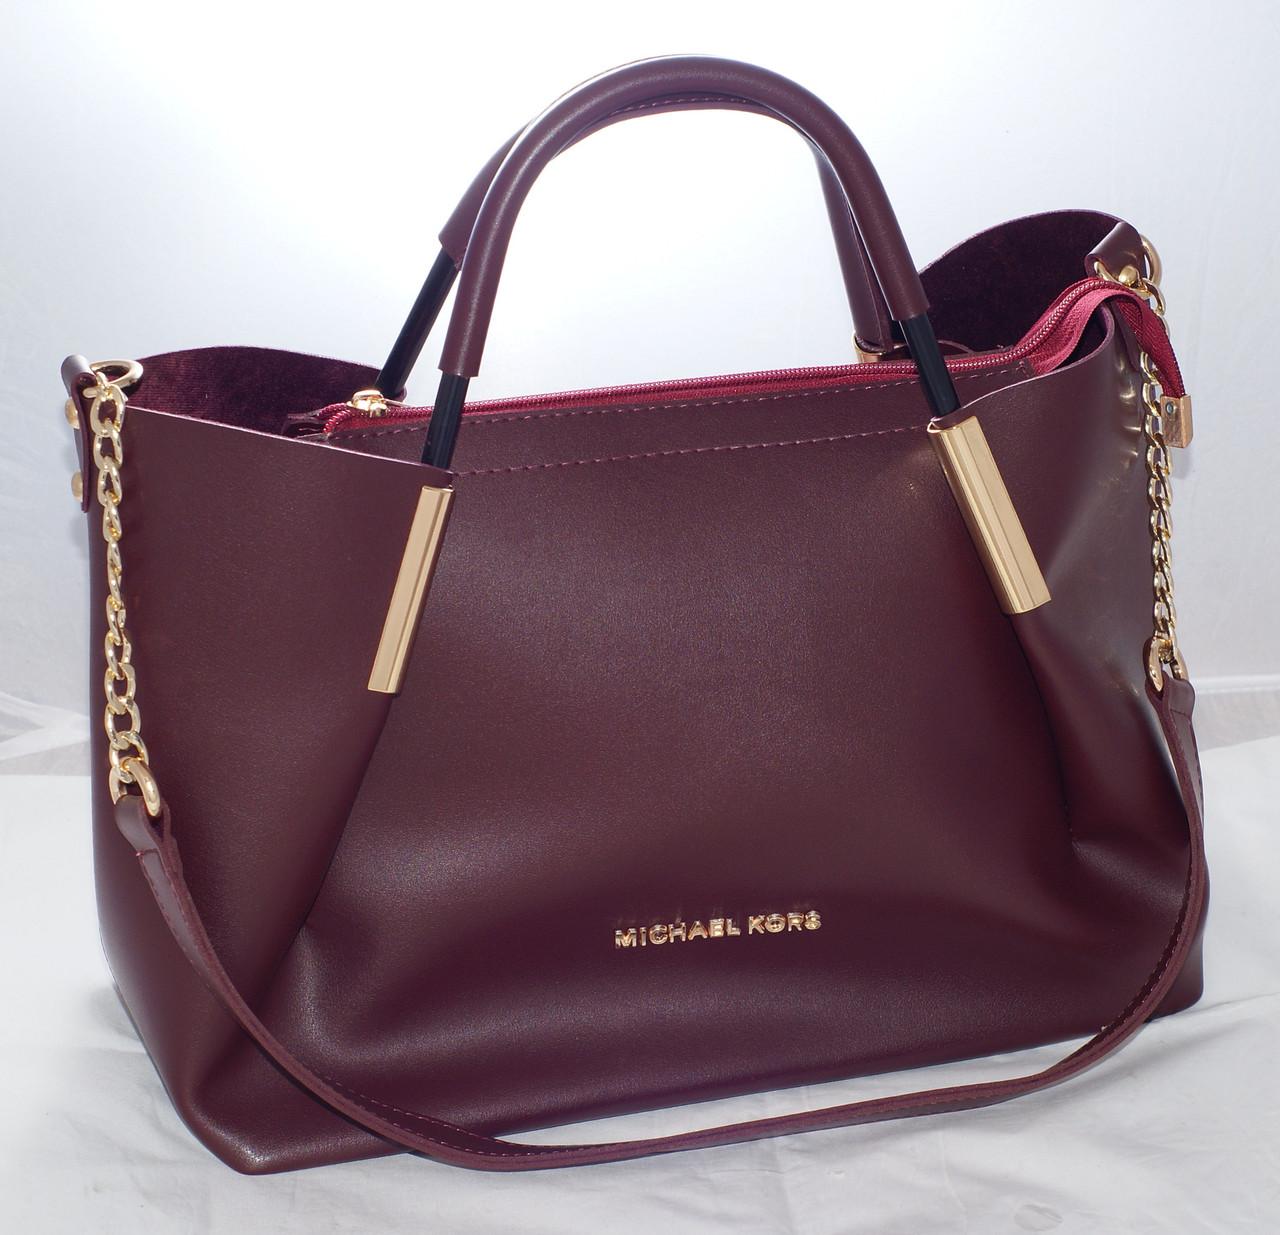 Женская сумкаMichael Kors (Майкл Корс)с отстёгивающейсякосметичкой, бордовая